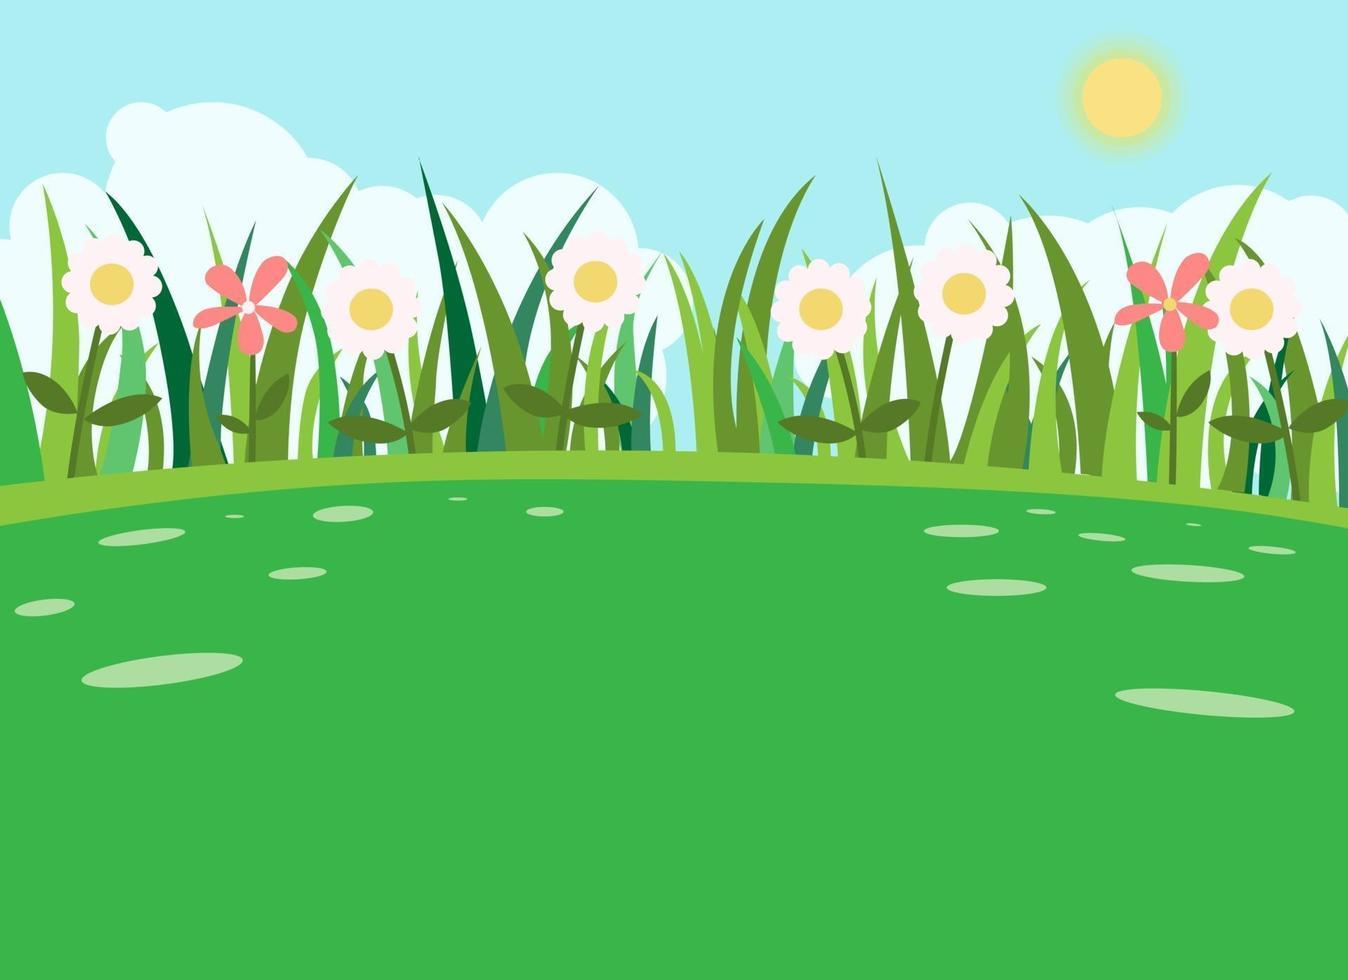 grönt gräs med blomma och himmel bakgrund. naturlandskap gräs på grön kulle. sommar natur scen. blommig på våren. vektor